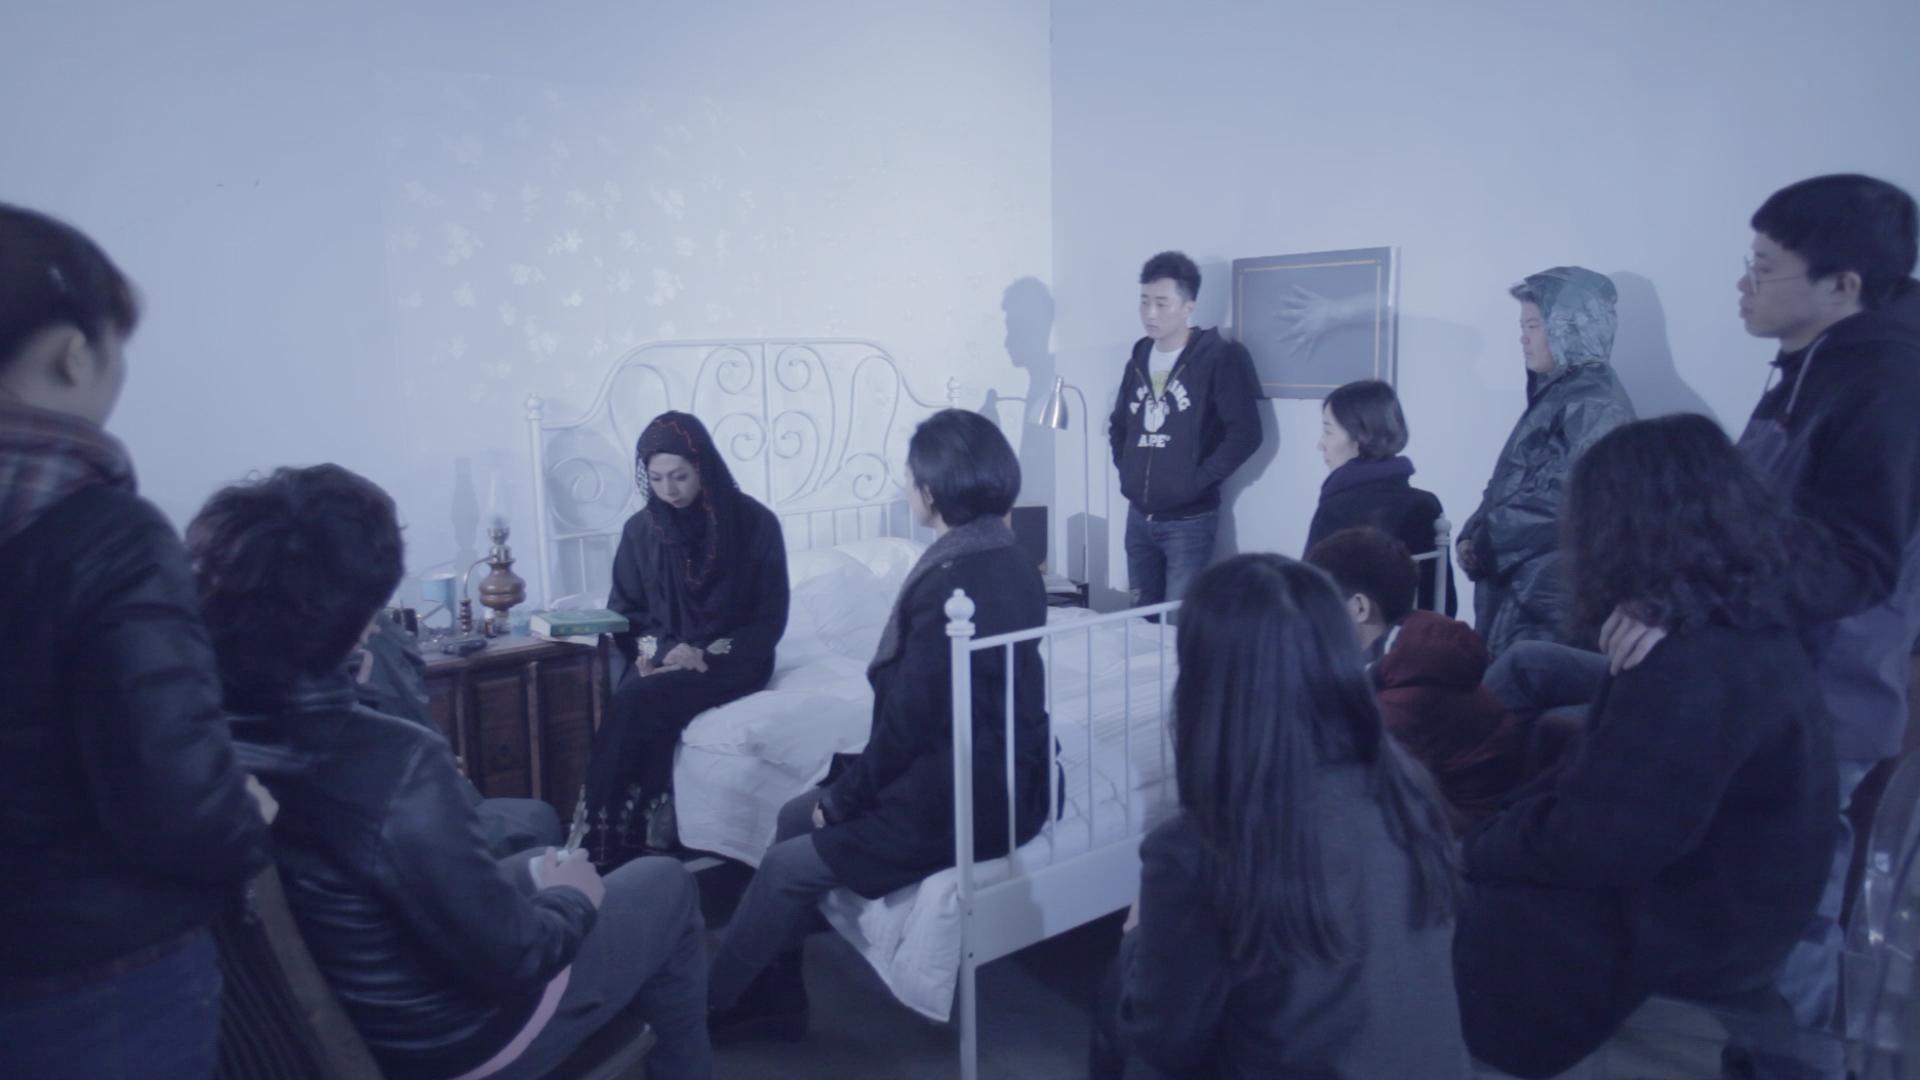 Tao Hui, Talk About Body, 2013, Videoausschnitt © Tao Hui